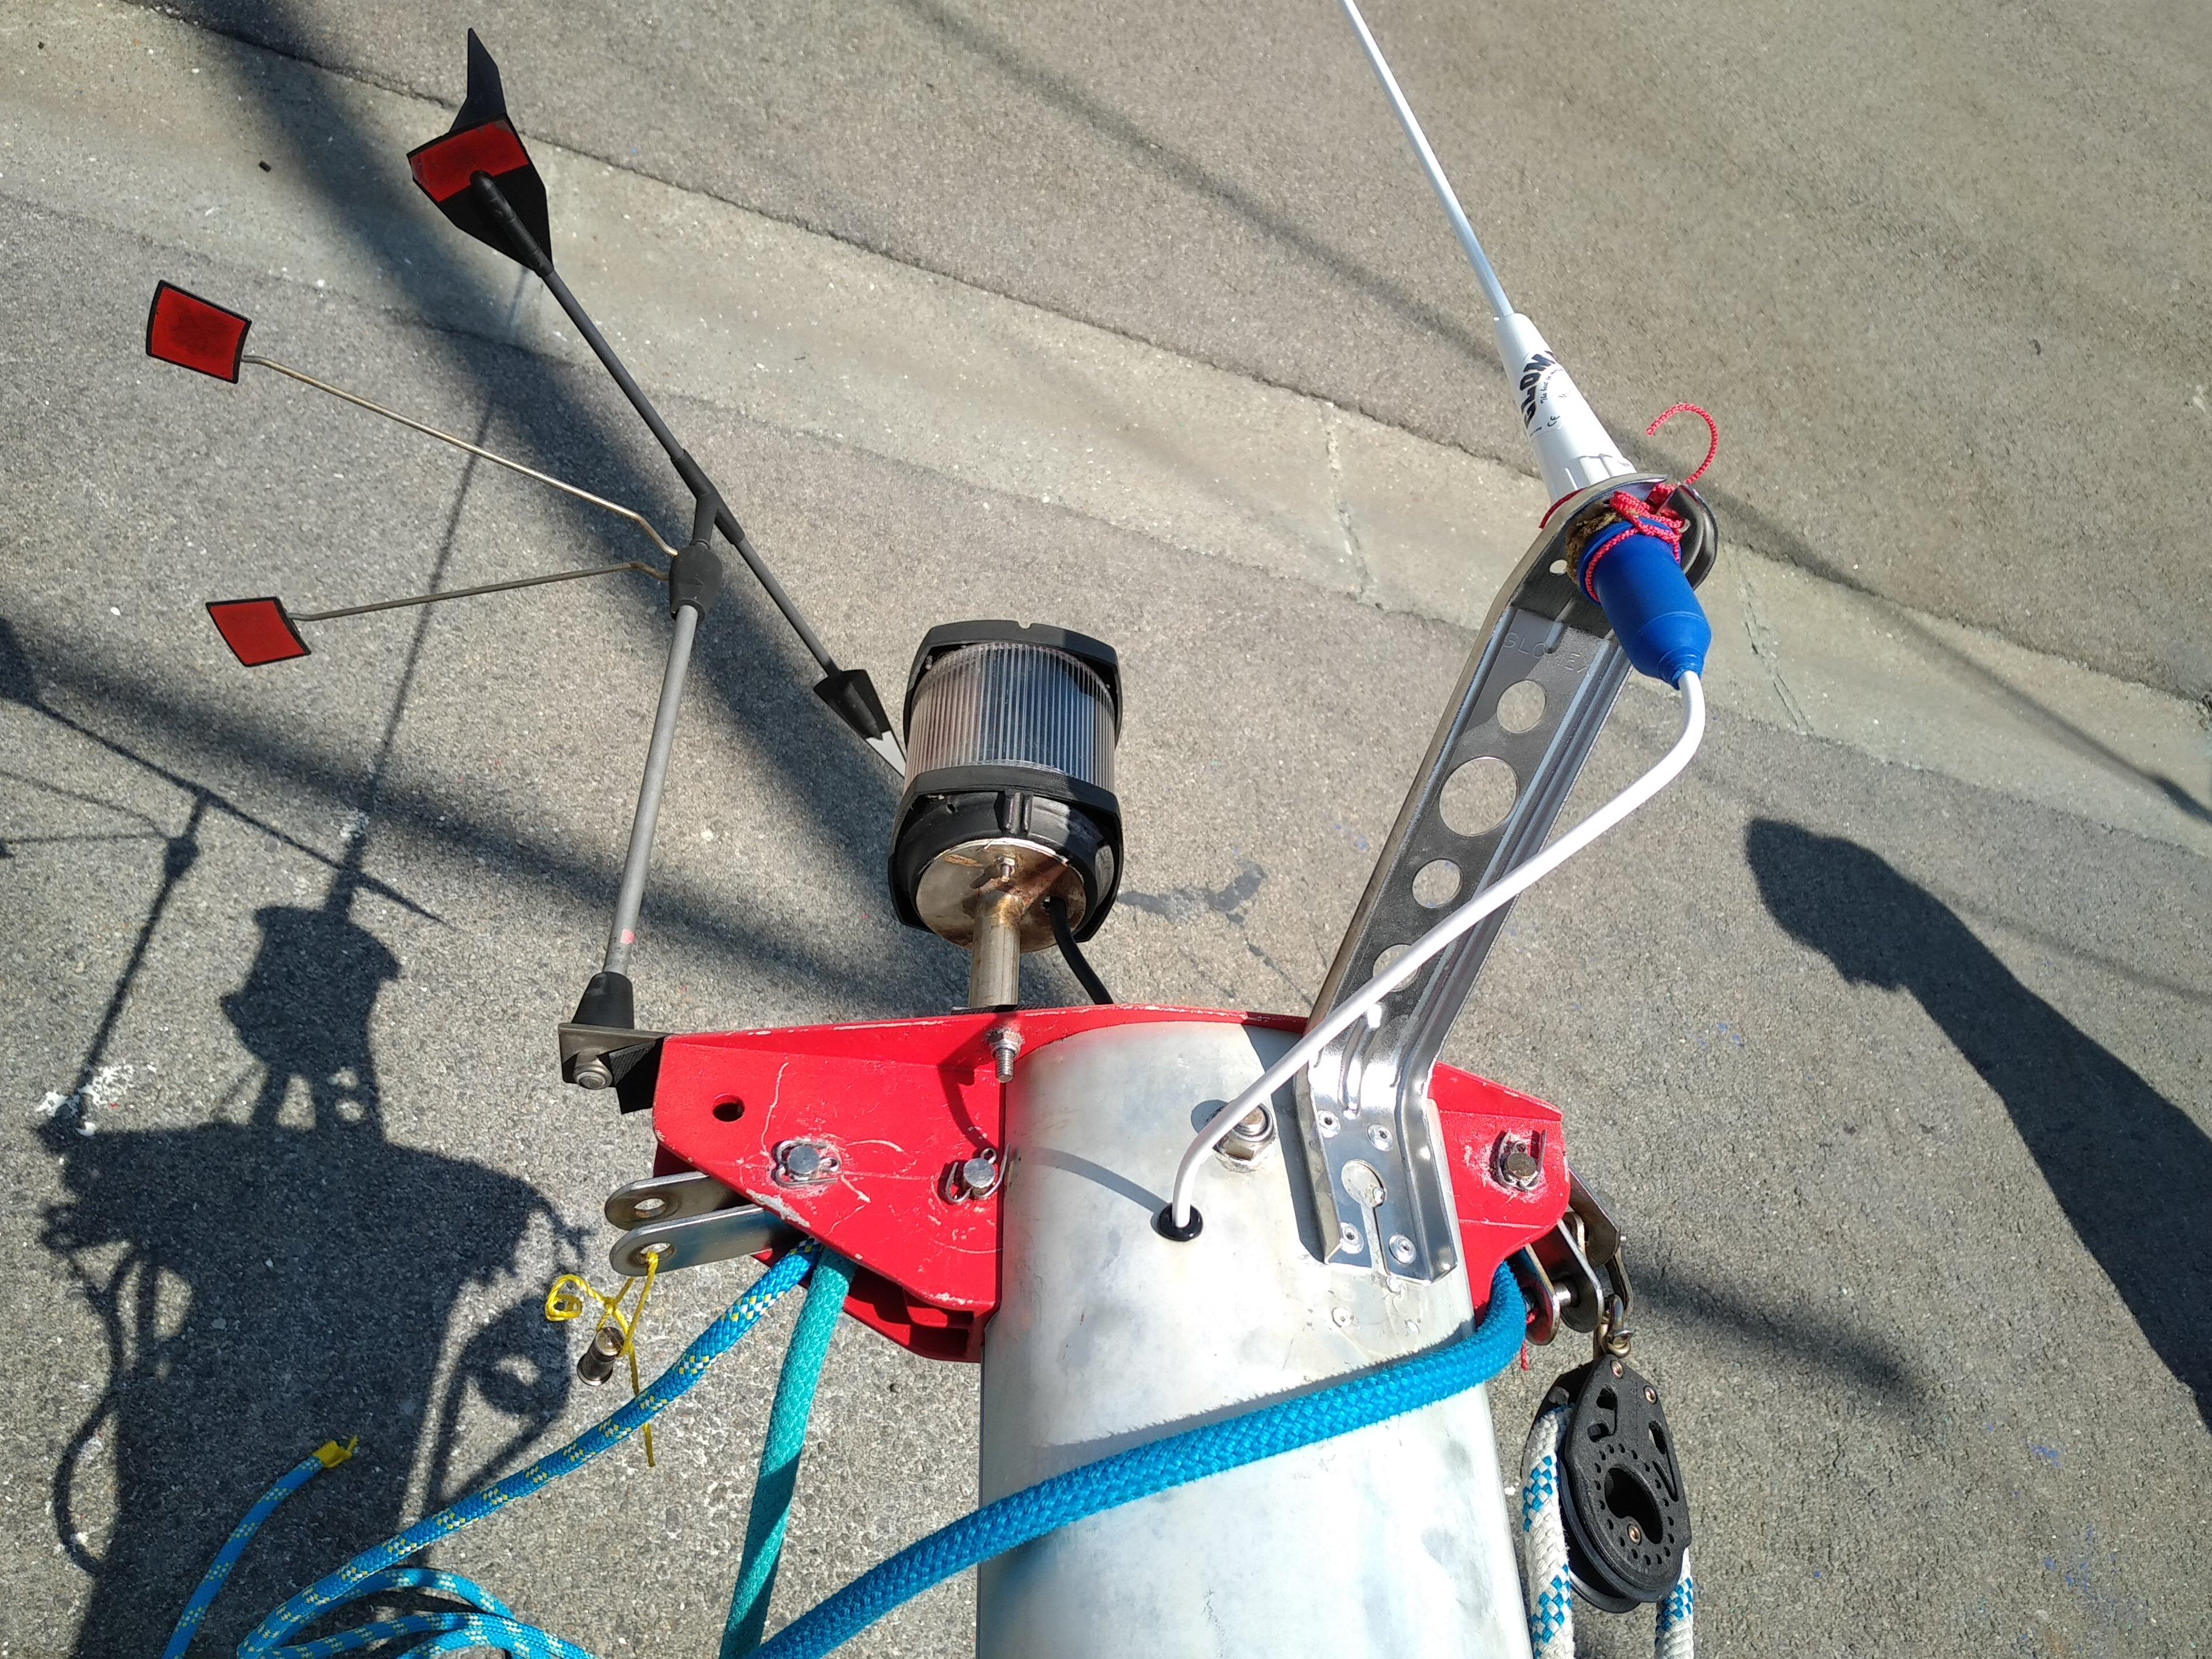 La tête de mât a retrouvé sa place, avec une nouvelle antenne VHF, et des feux de nav' en LED.